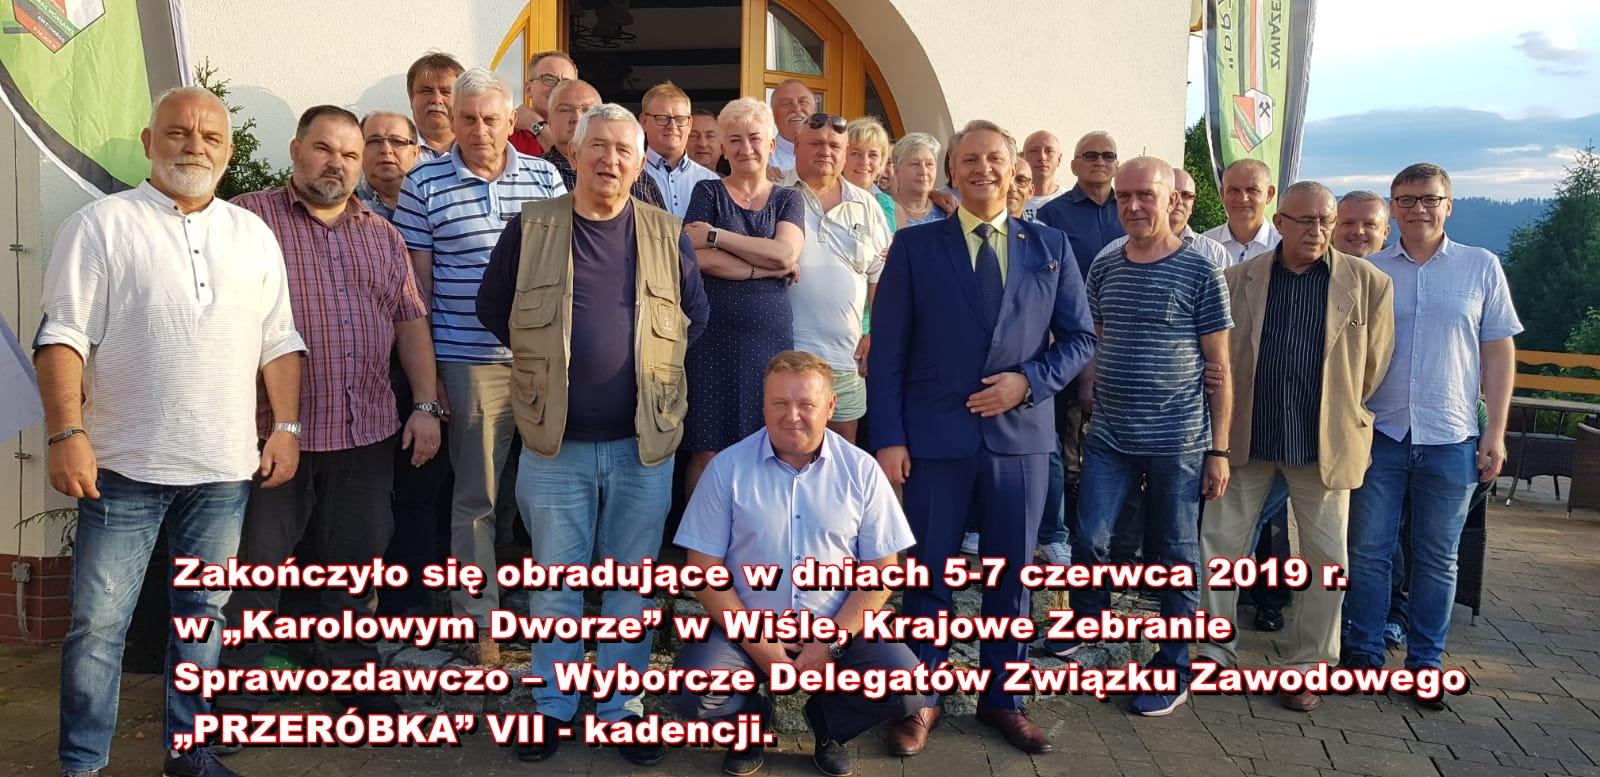 """KRAJOWE ZEBRANIE SPRAWOZDAWCZO – WYBORCZE DELEGATÓW ZWIĄZKU ZAWODOWEGO """"PRZERÓBKA"""" VII – kadencji."""